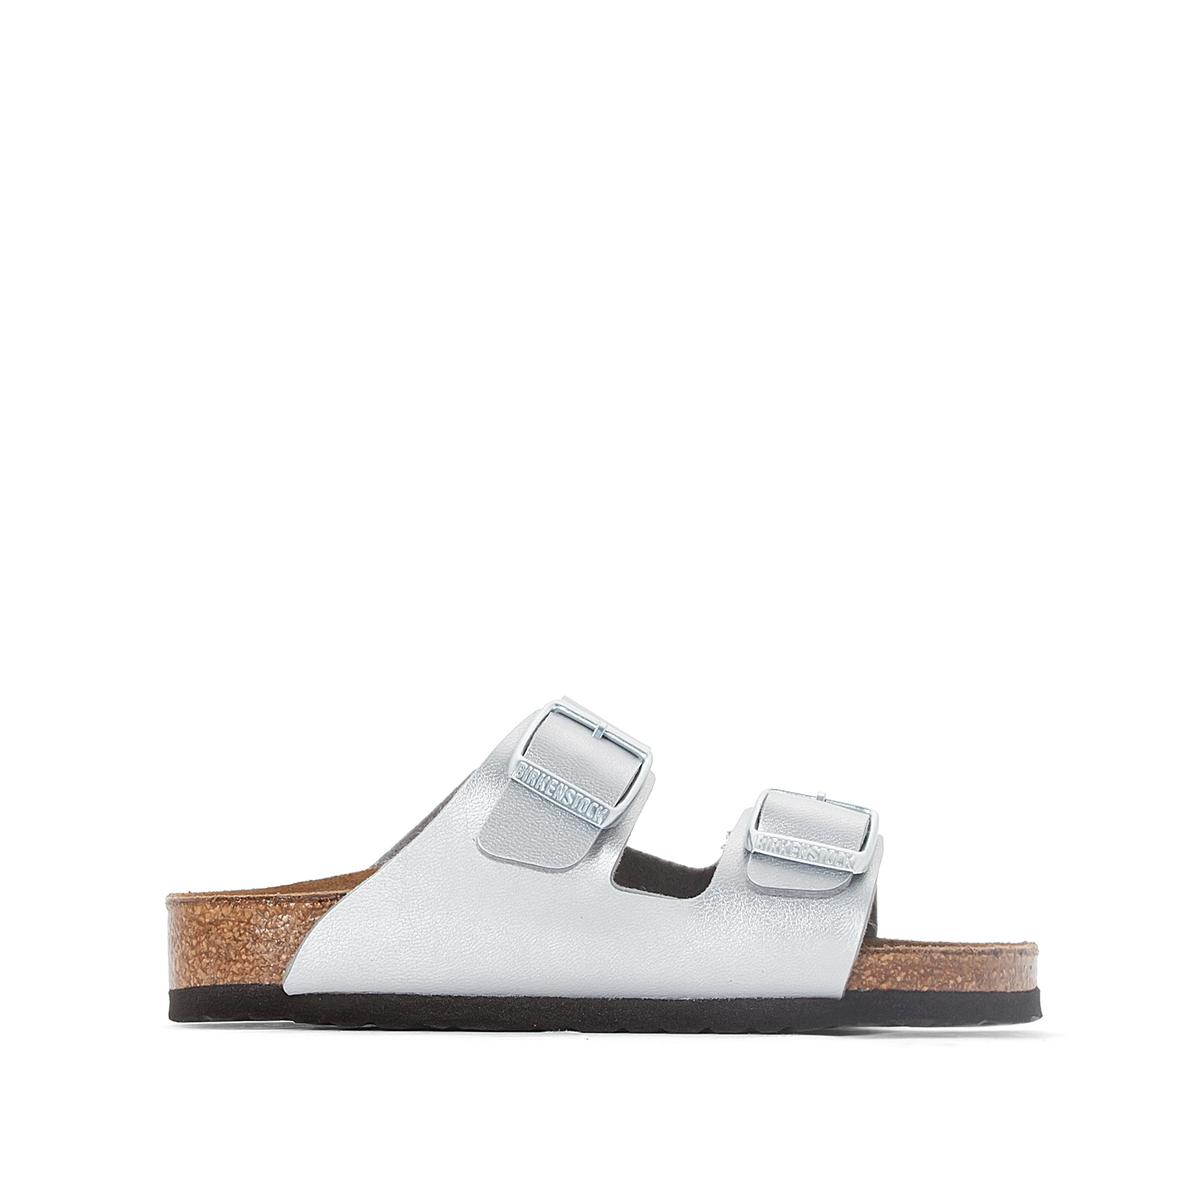 Туфли без задника синтетические от La Redoute